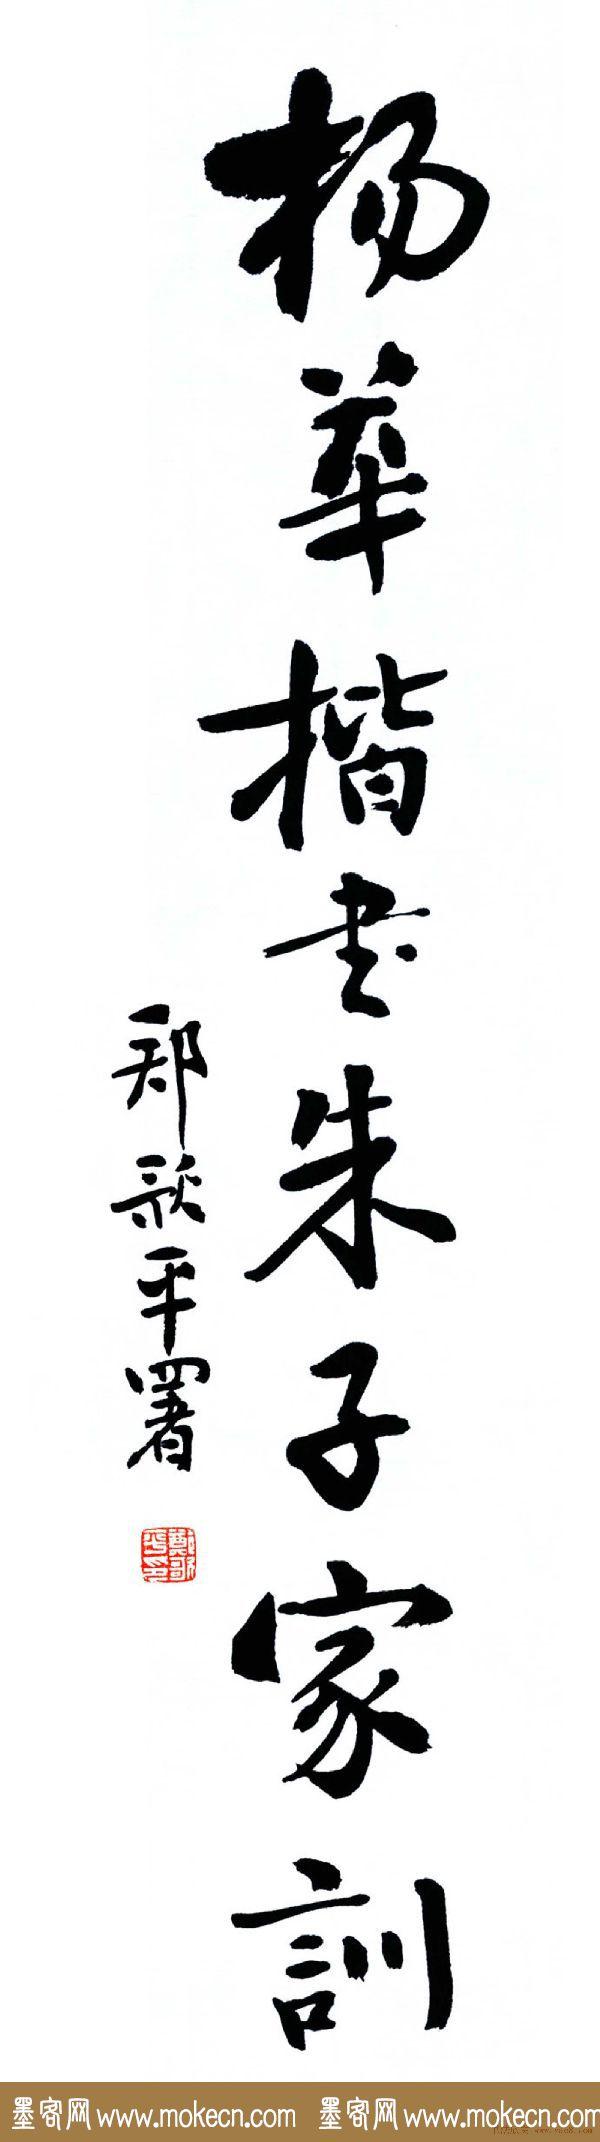 杨华楷书欣赏《朱子家训》